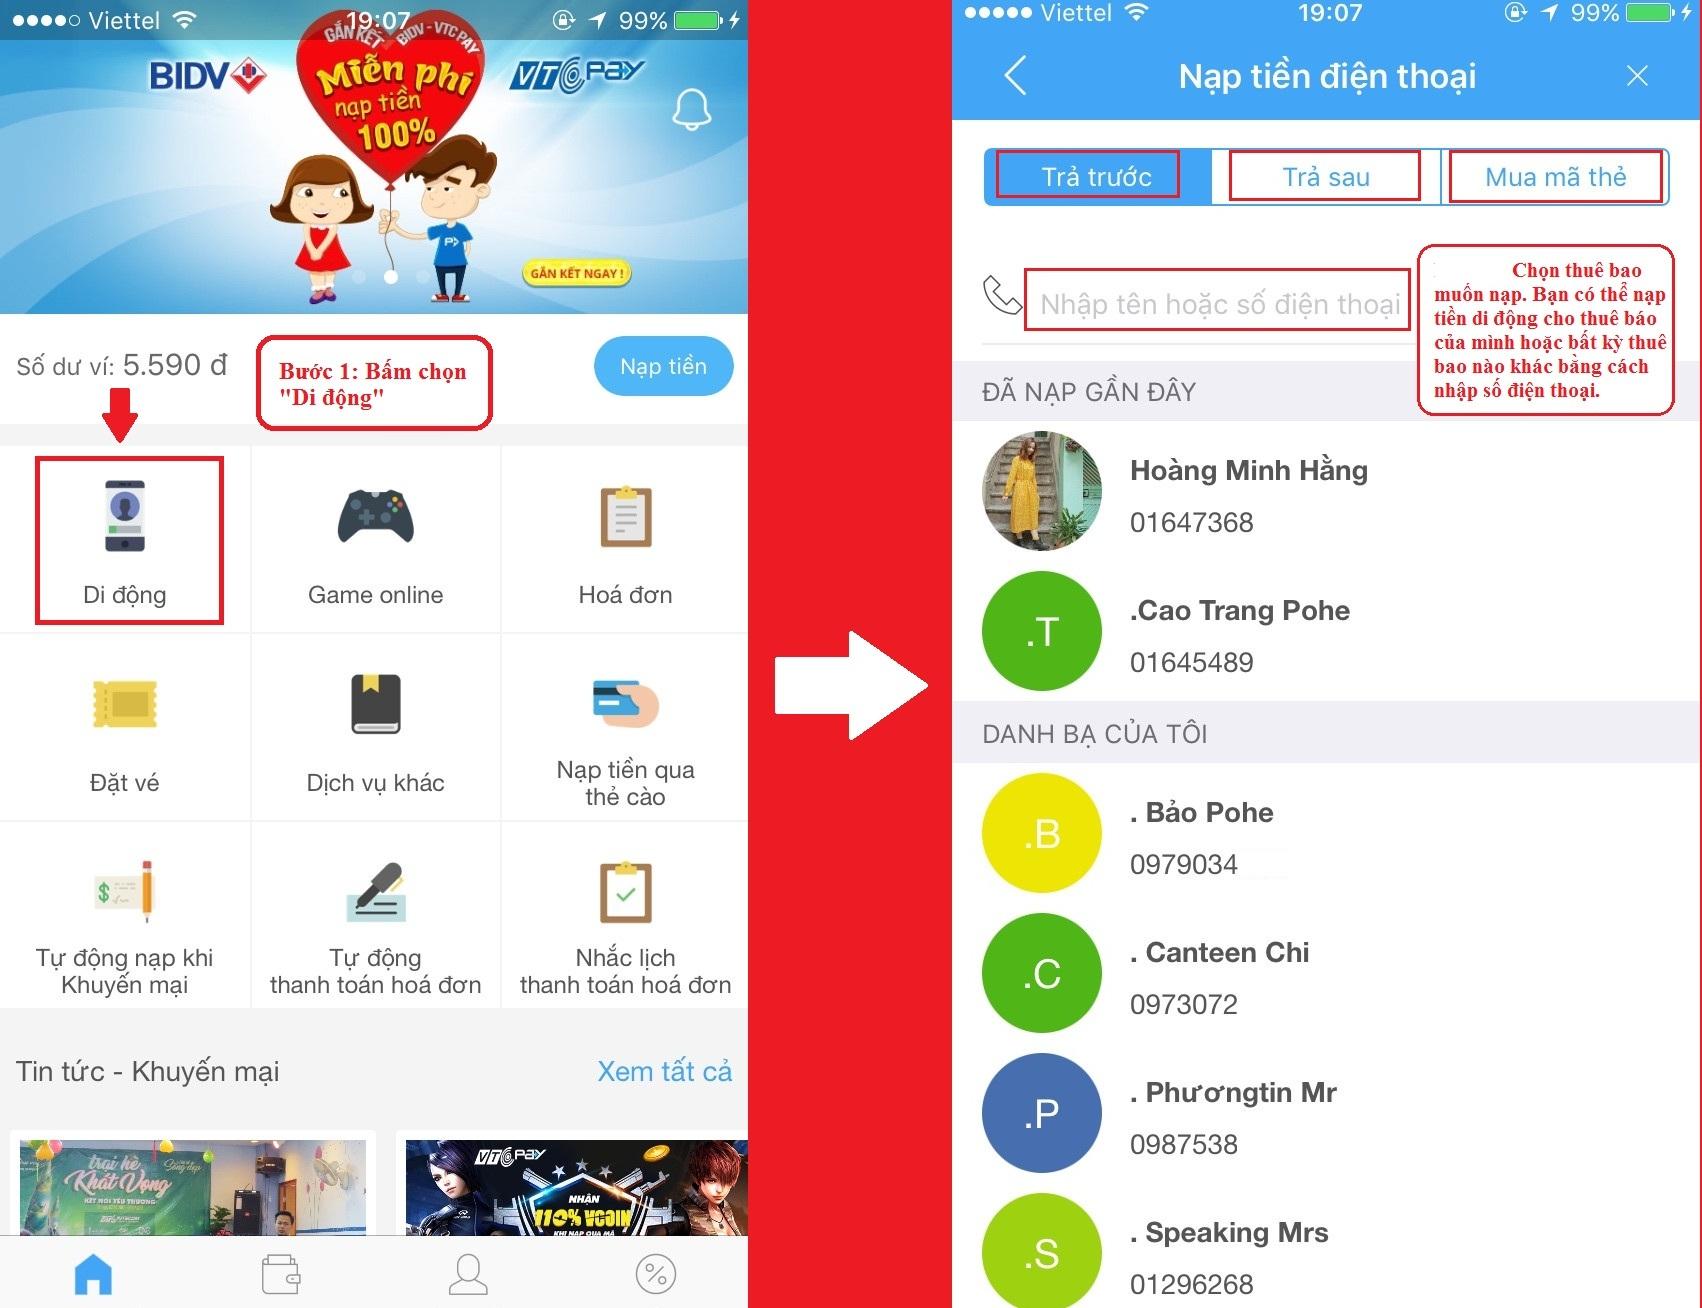 Hướng dẫn nạp tiền điện thoại tại app VTC Pay